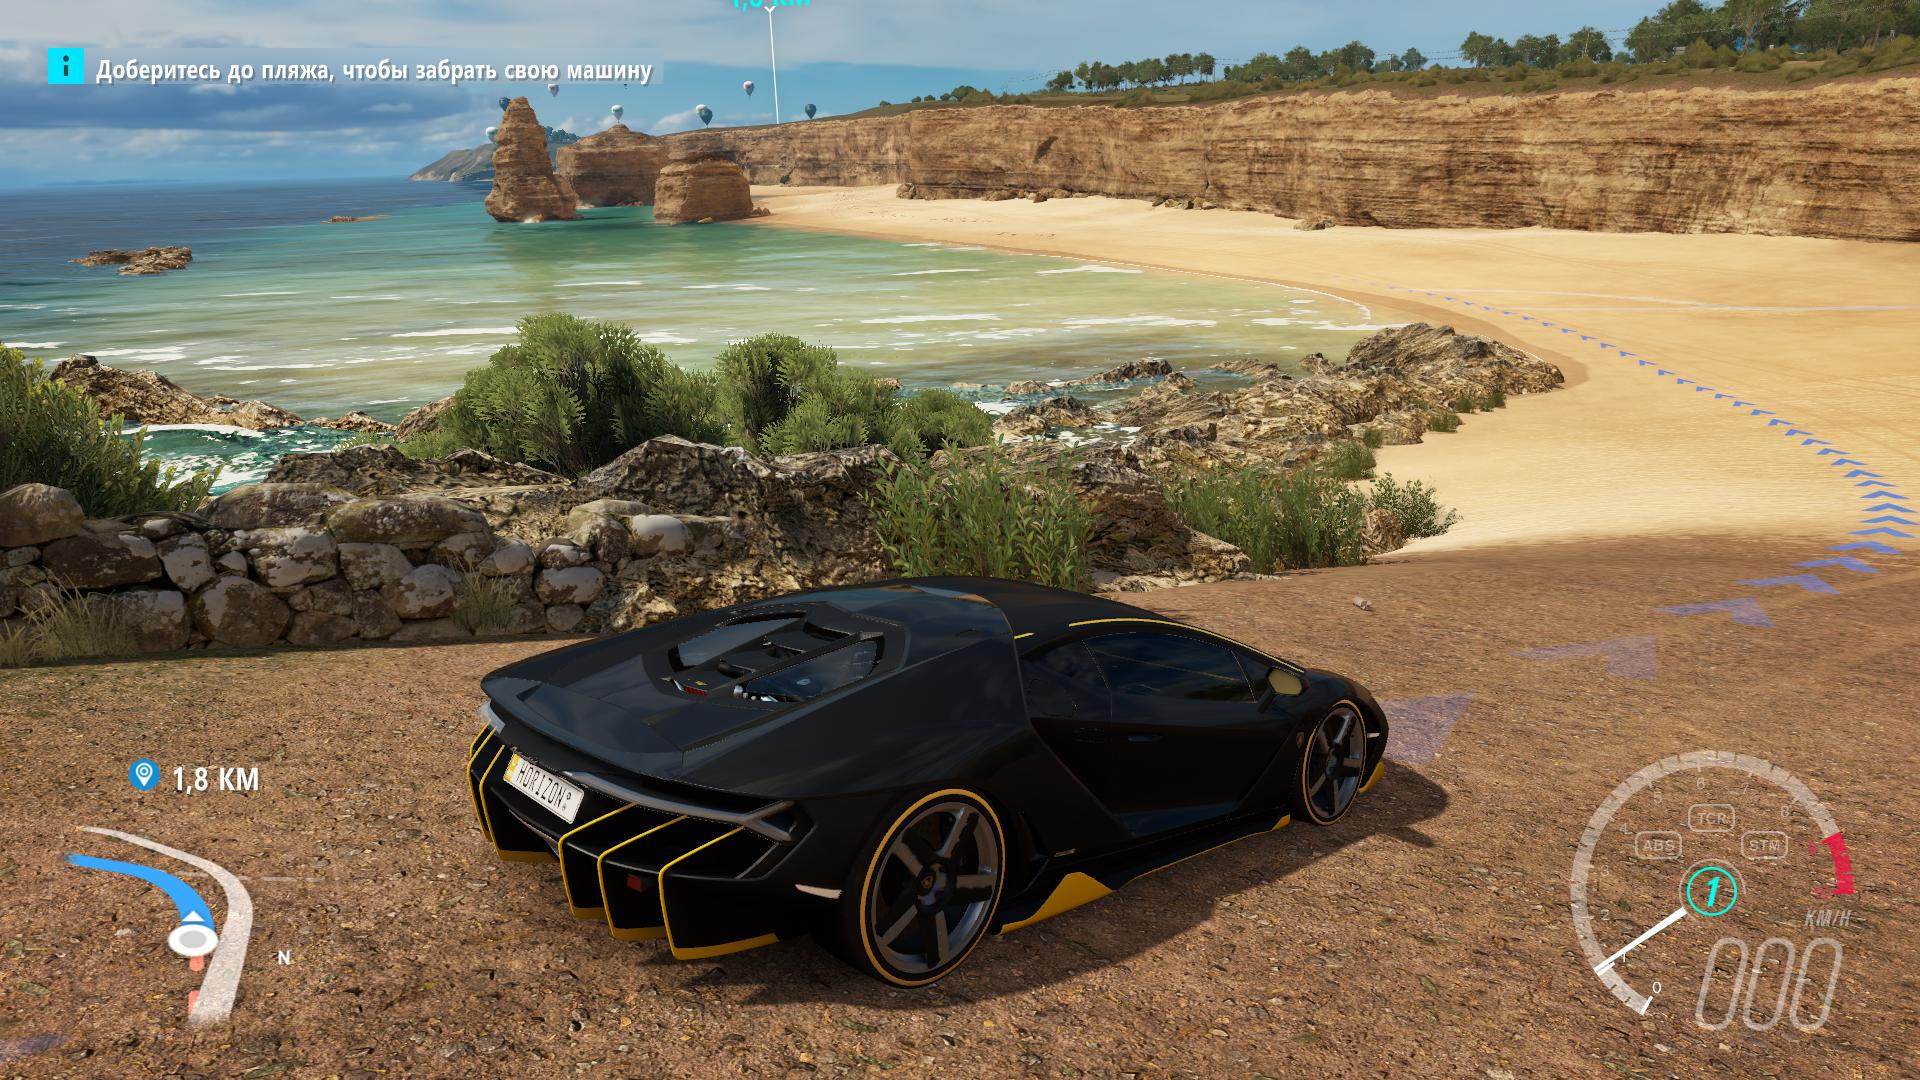 Мои первые впечатления от Demo Forza Horizon 3 - Изображение 3